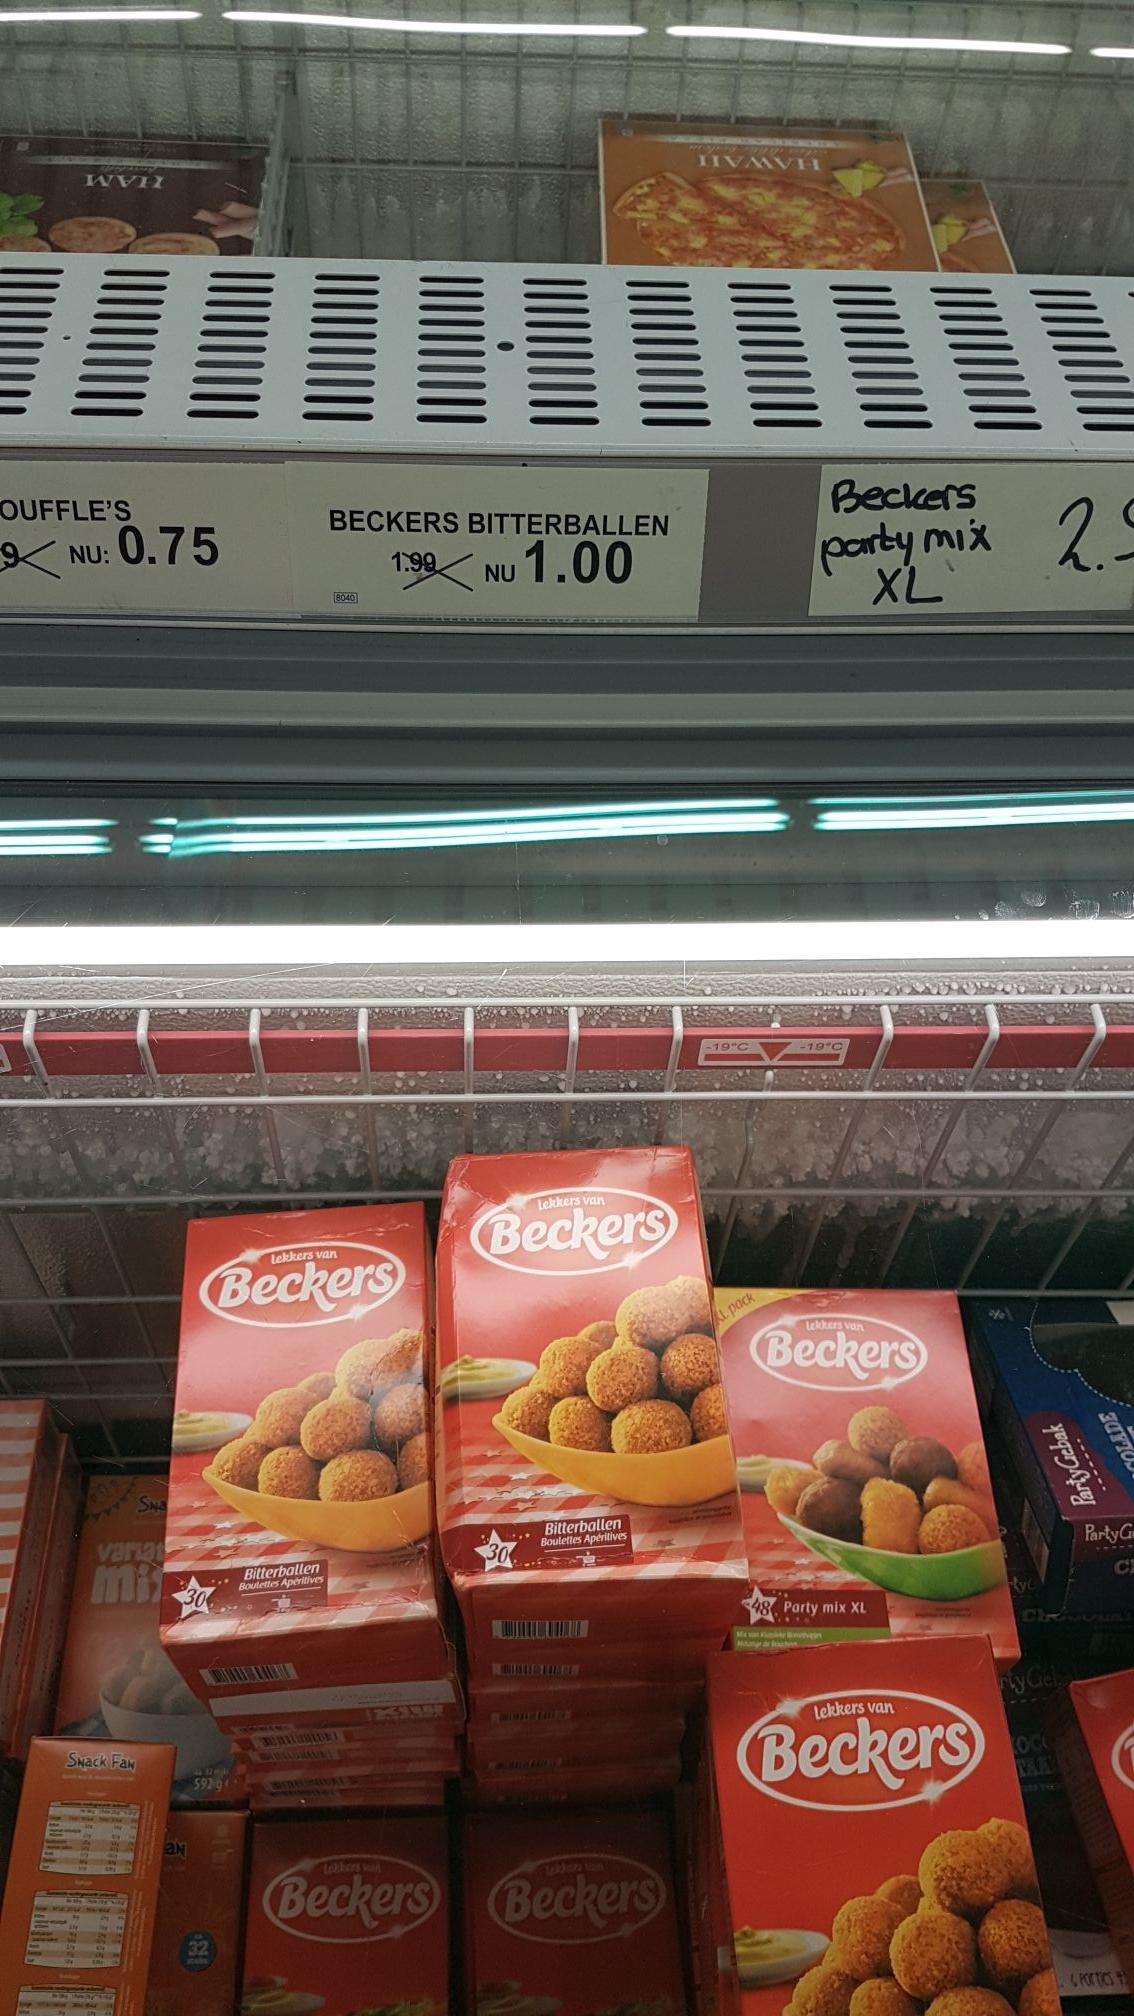 Beckers Bitterballen €1 @ Aldi (Lelystad)